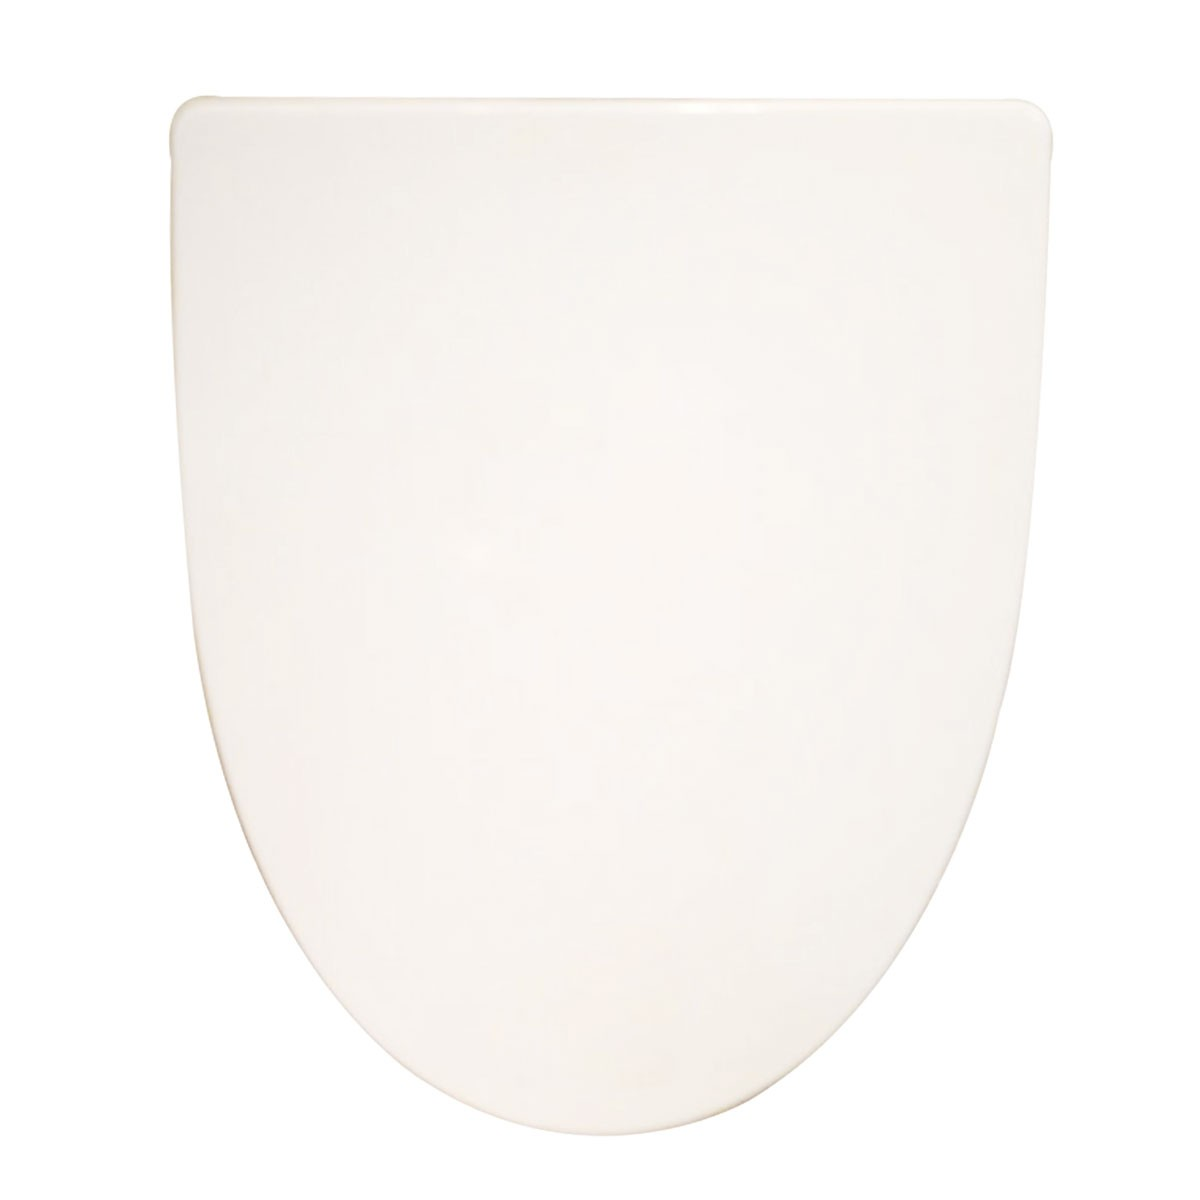 Siège de Toilette Blanc à Fermeture Douce avec Couvercle en PP (DK-CL-117)